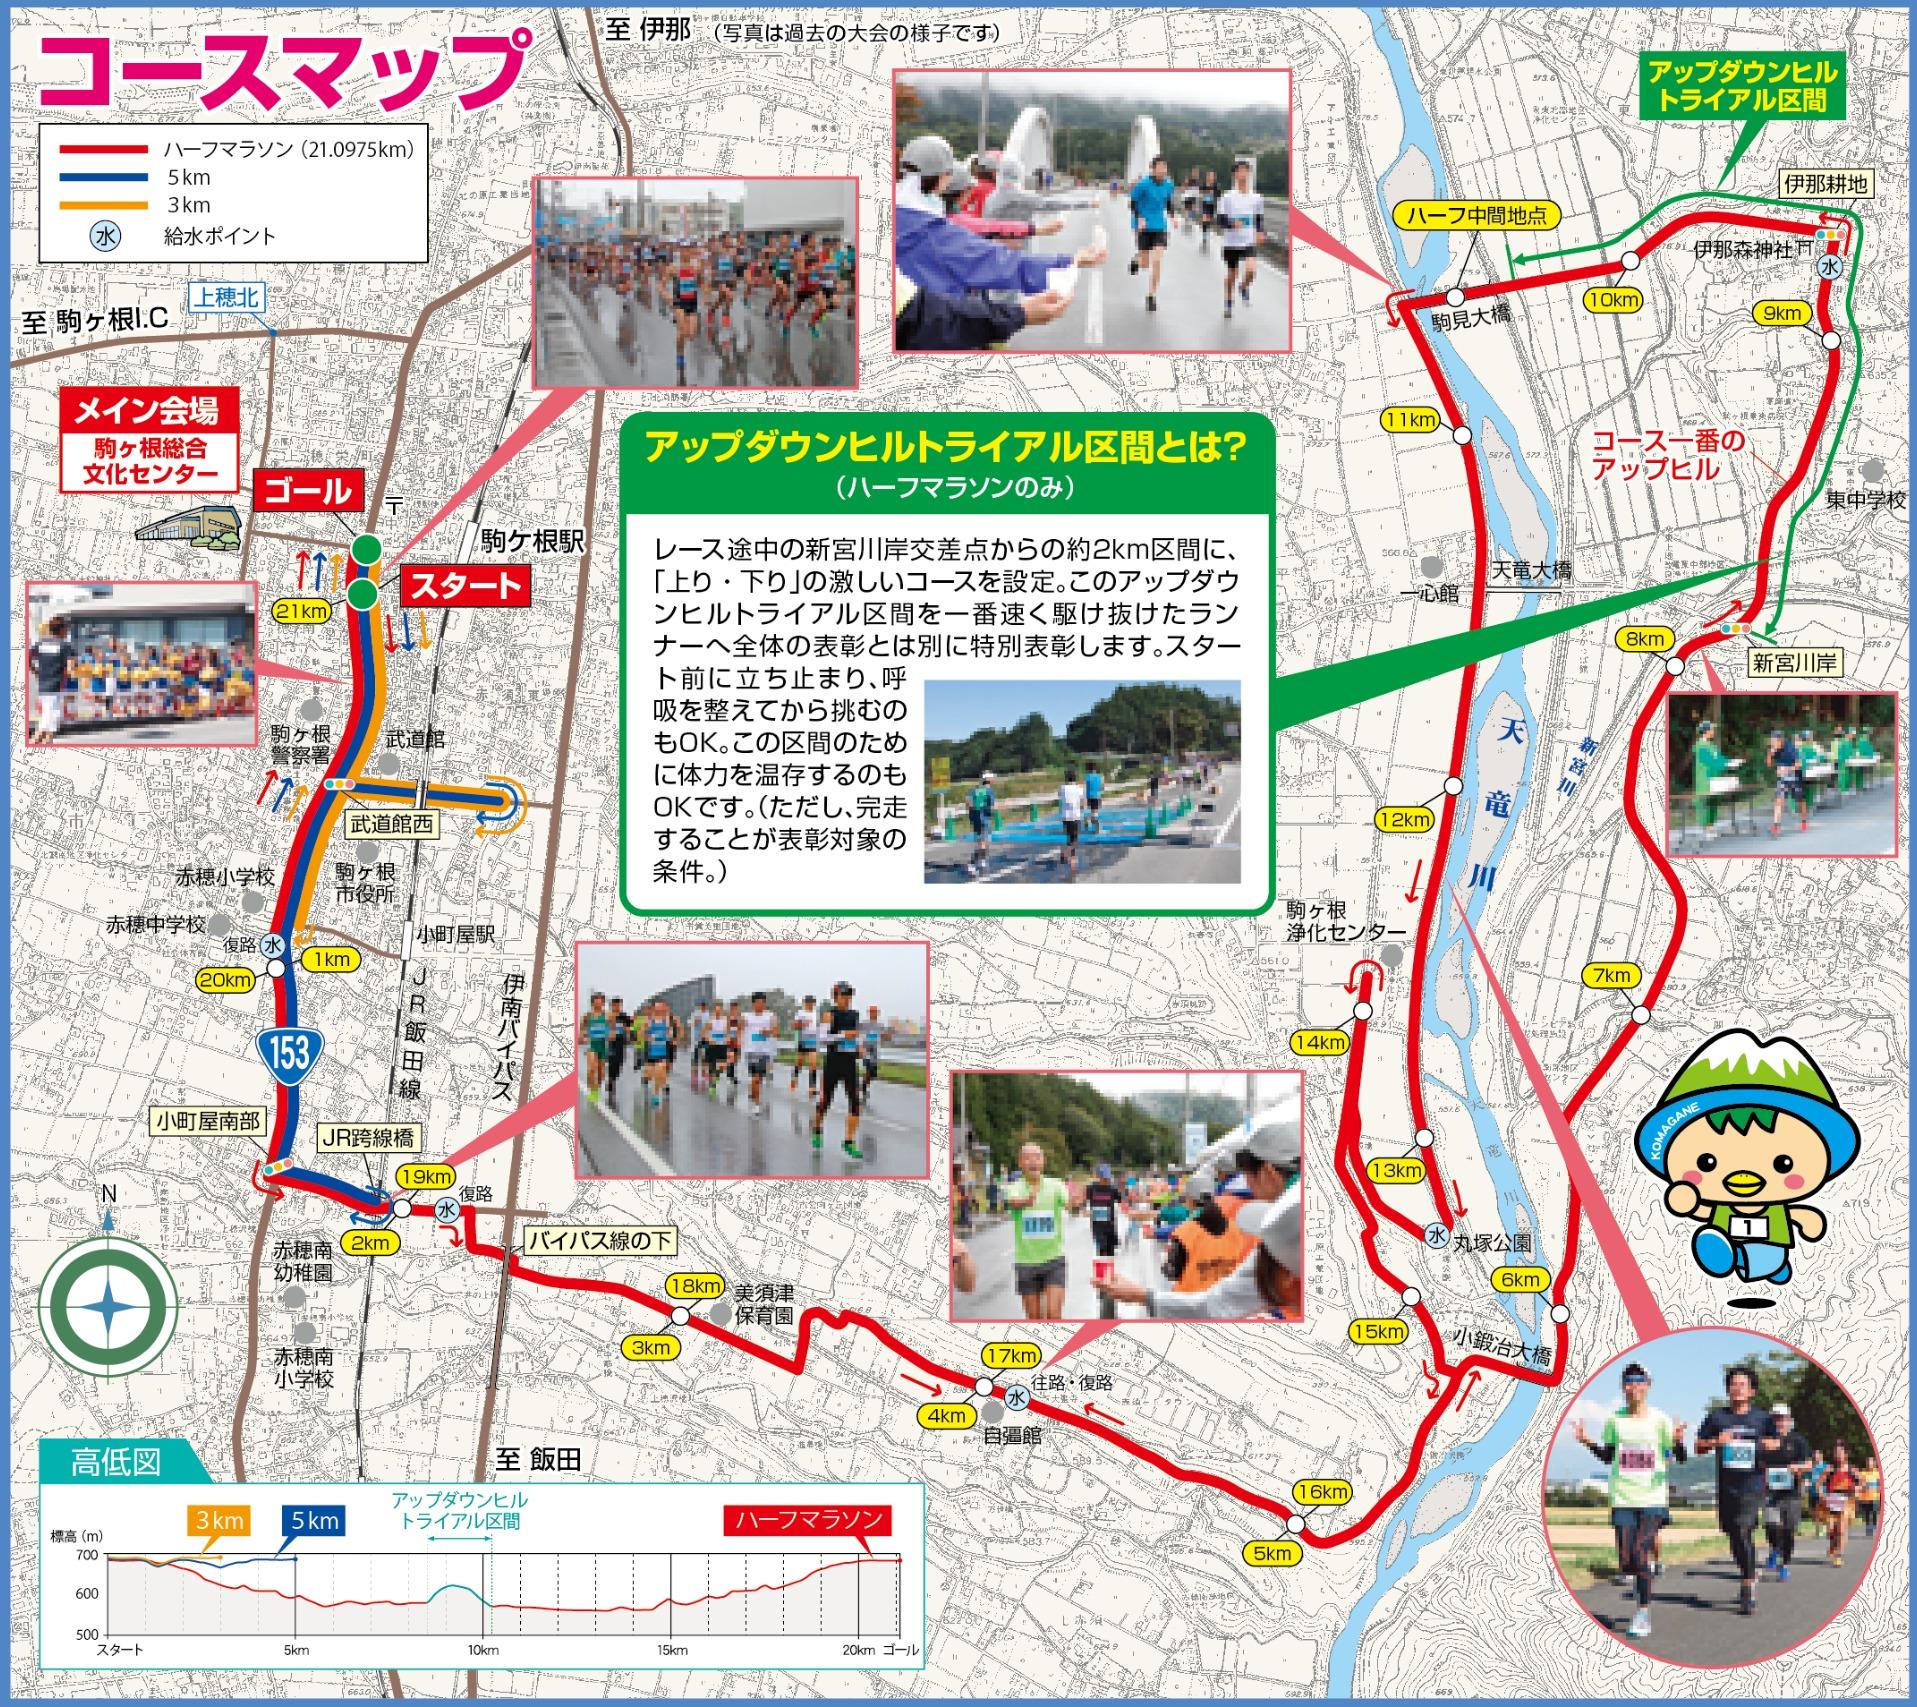 信州駒ケ根ハーフマラソンコースマップ